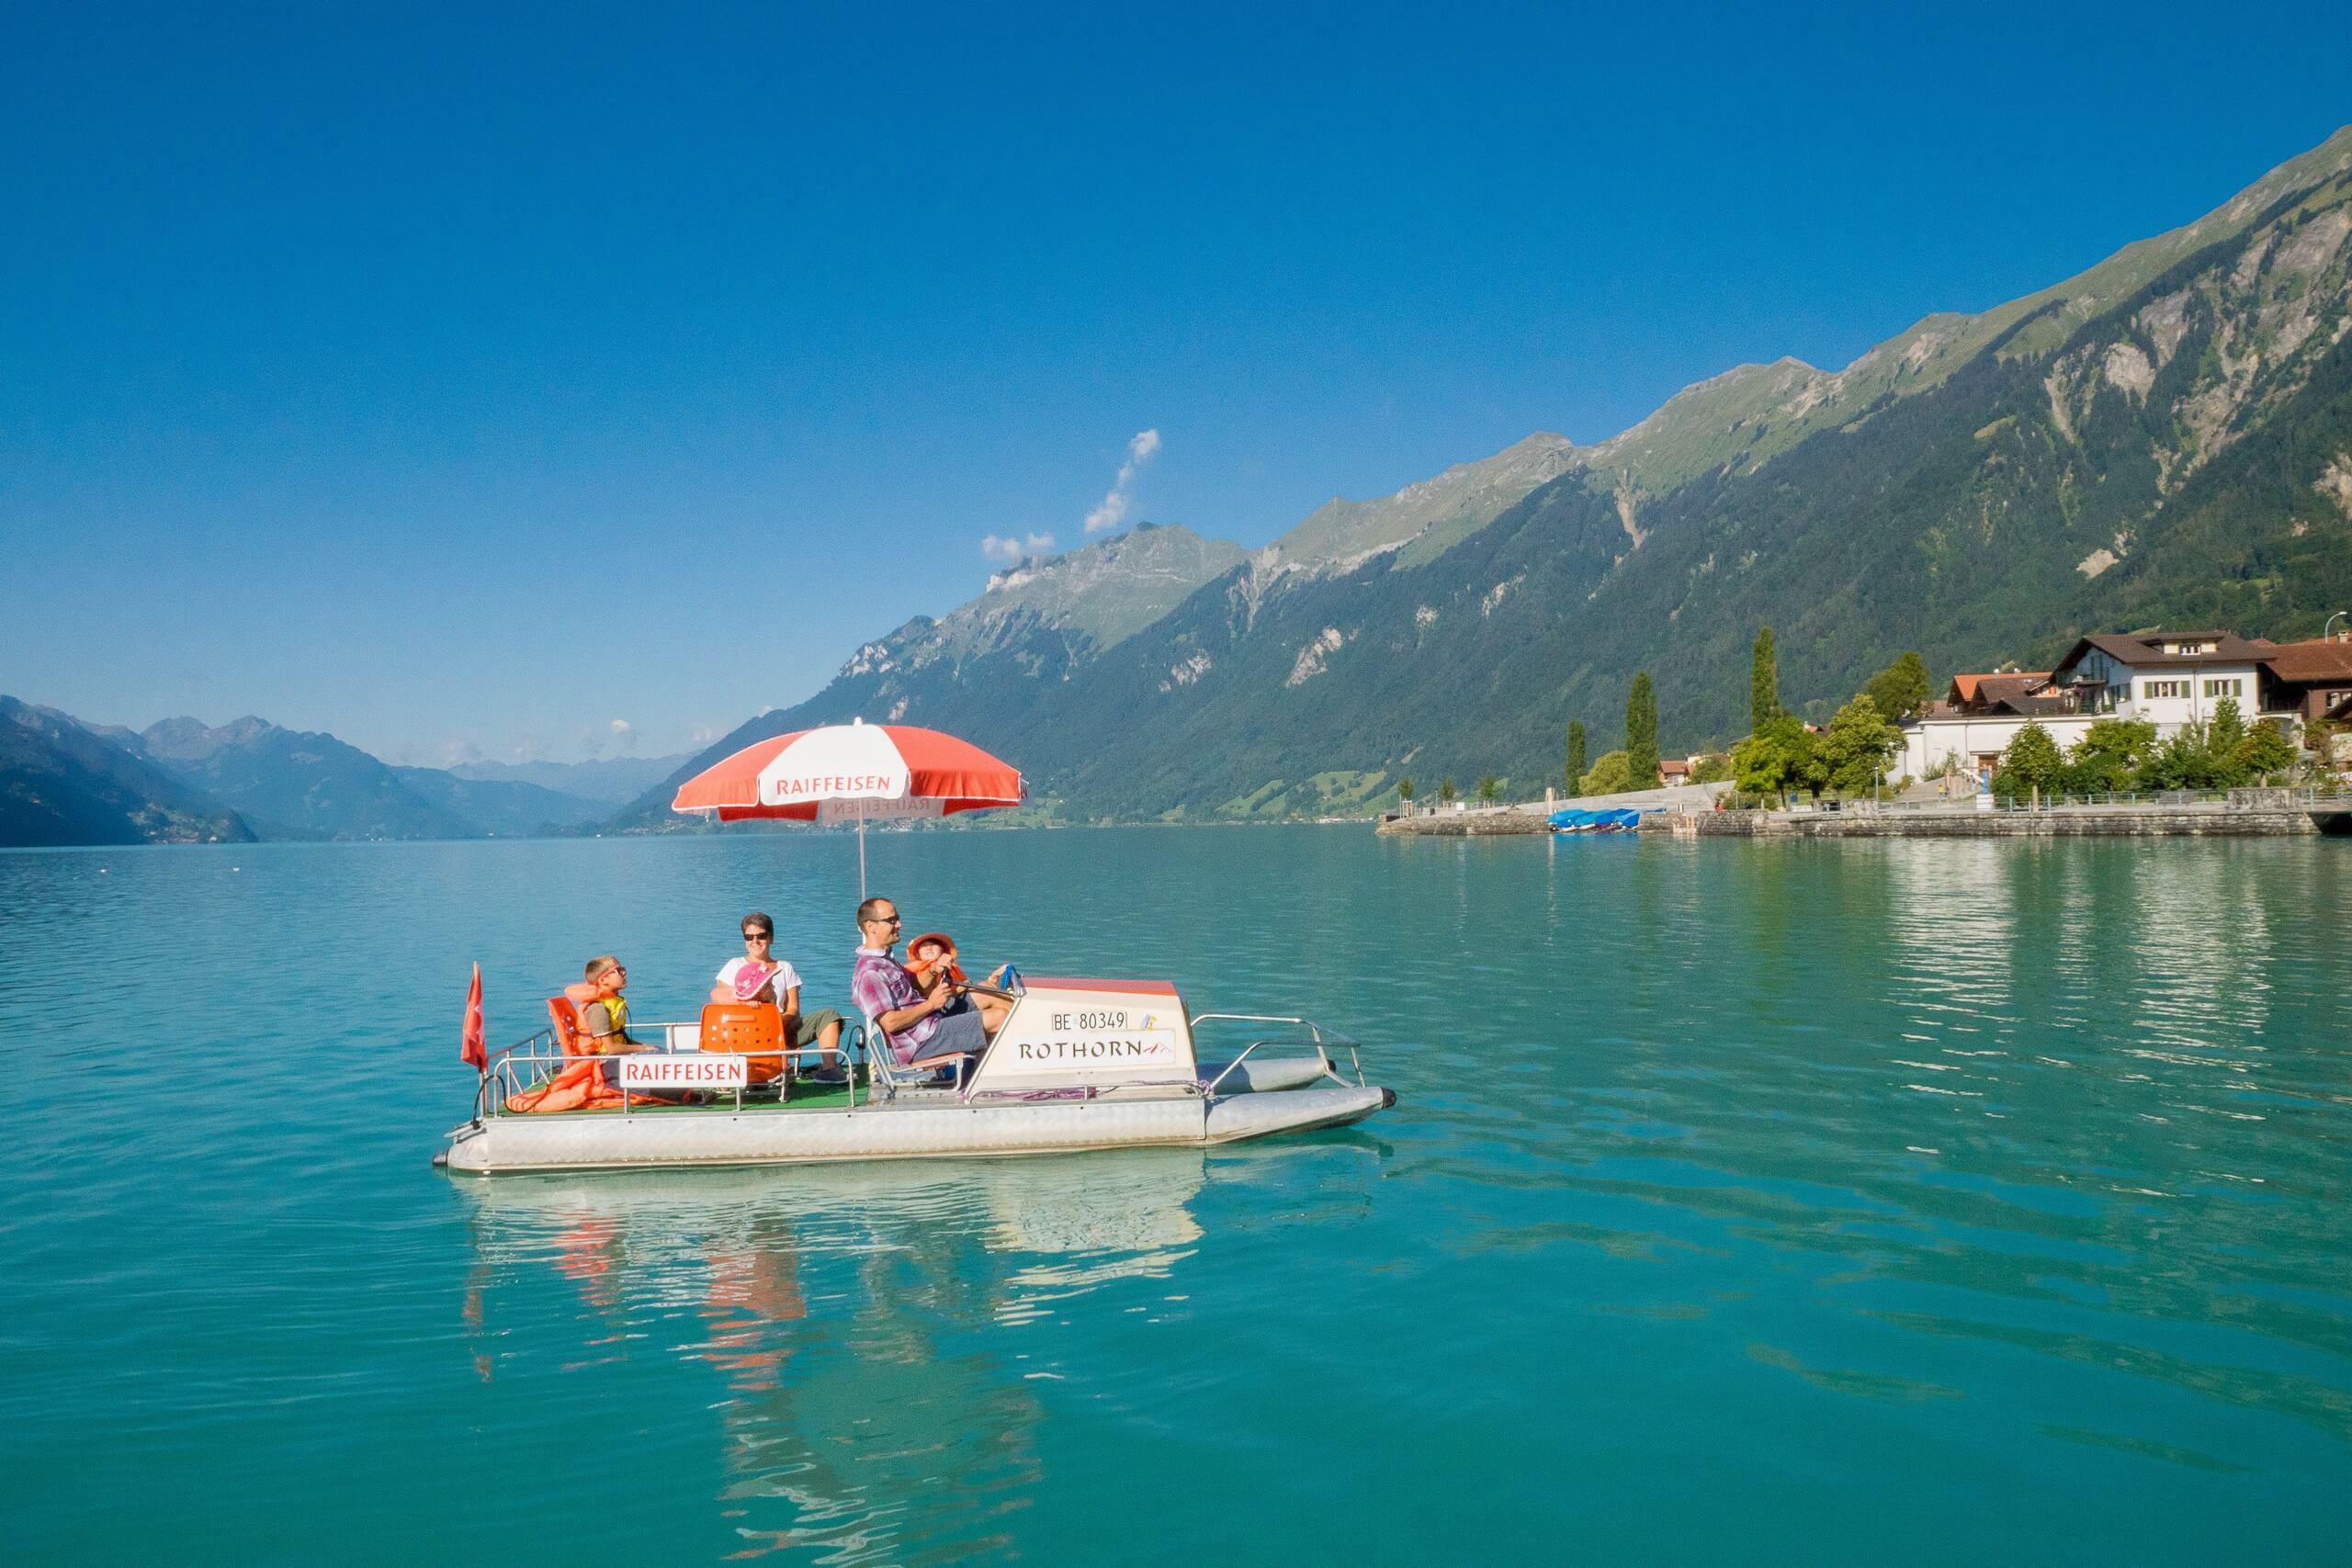 brienz-bootsvermietung-brienzersee-padelboot-sommer-schwimmen